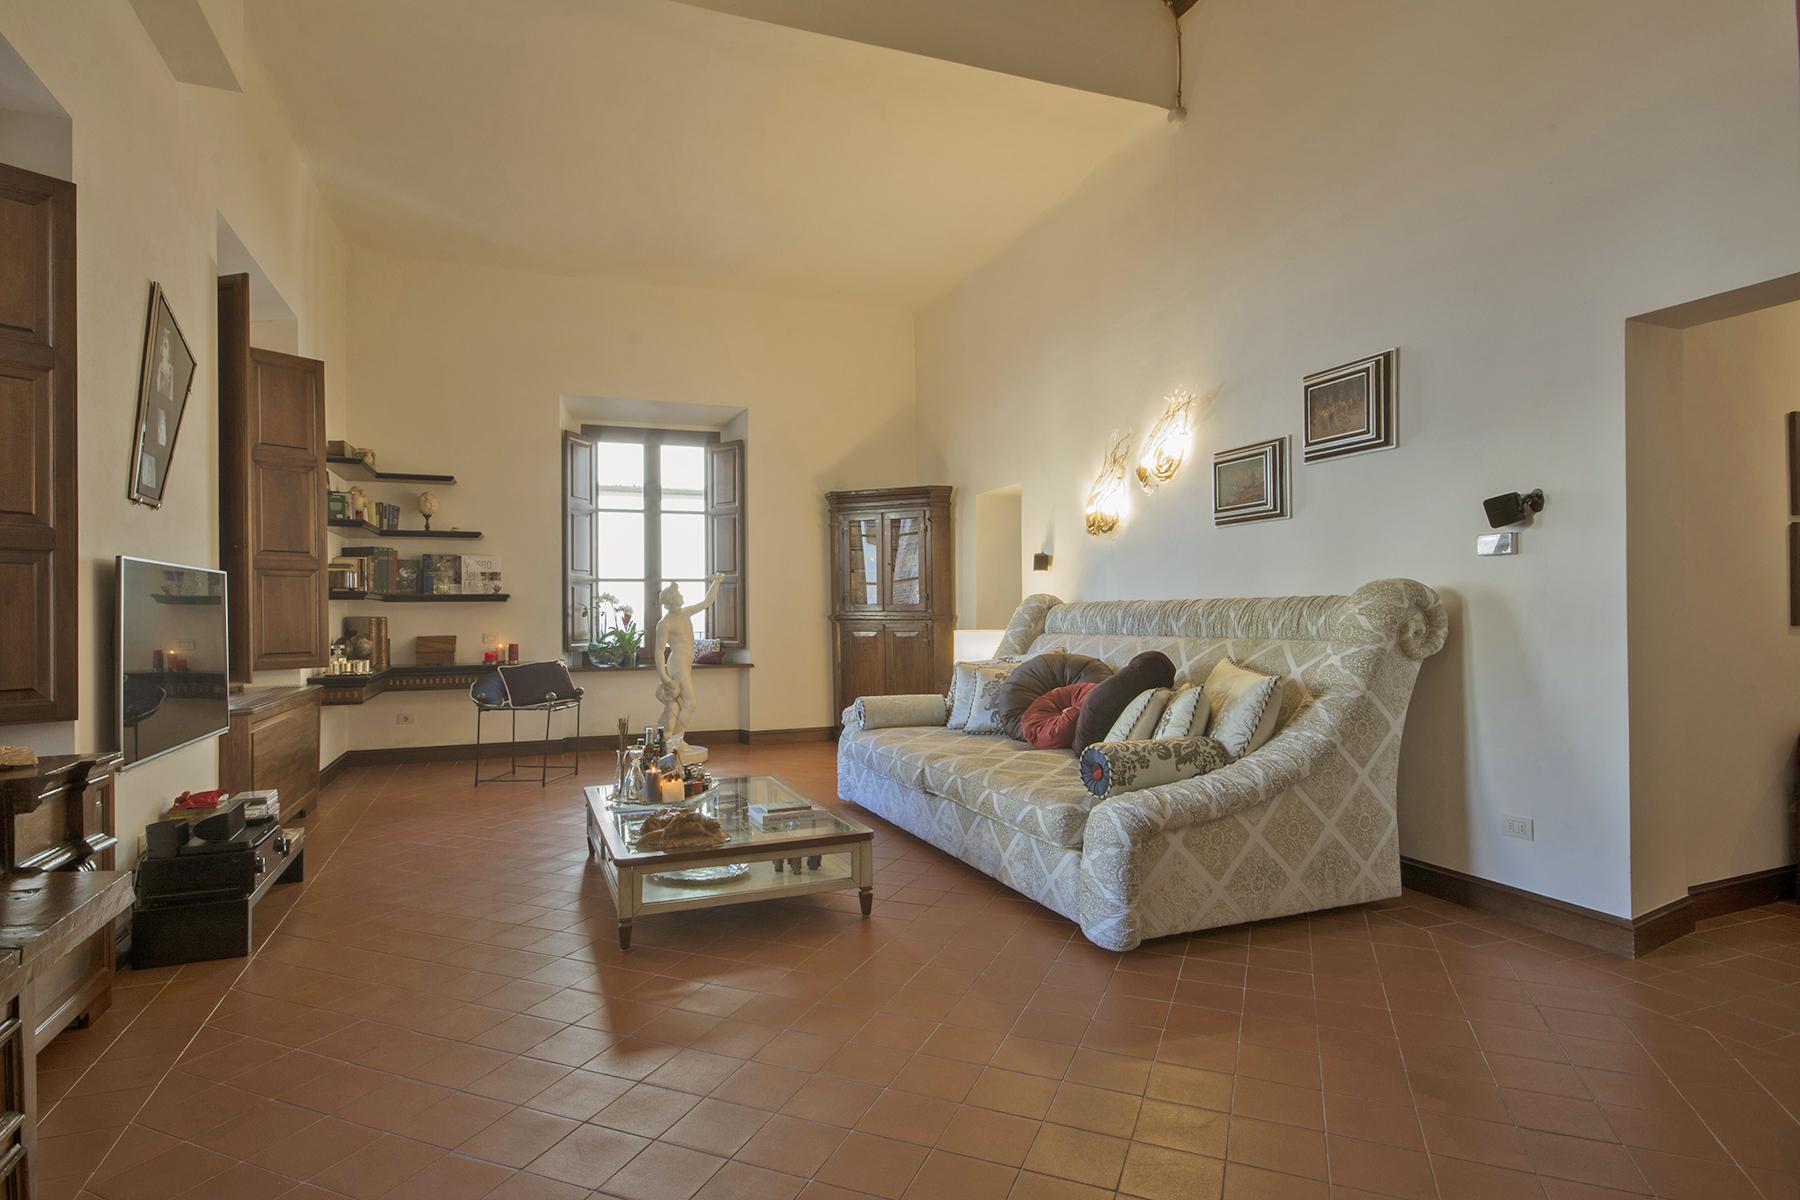 Appartamento in Vendita a Lucca: 5 locali, 130 mq - Foto 3